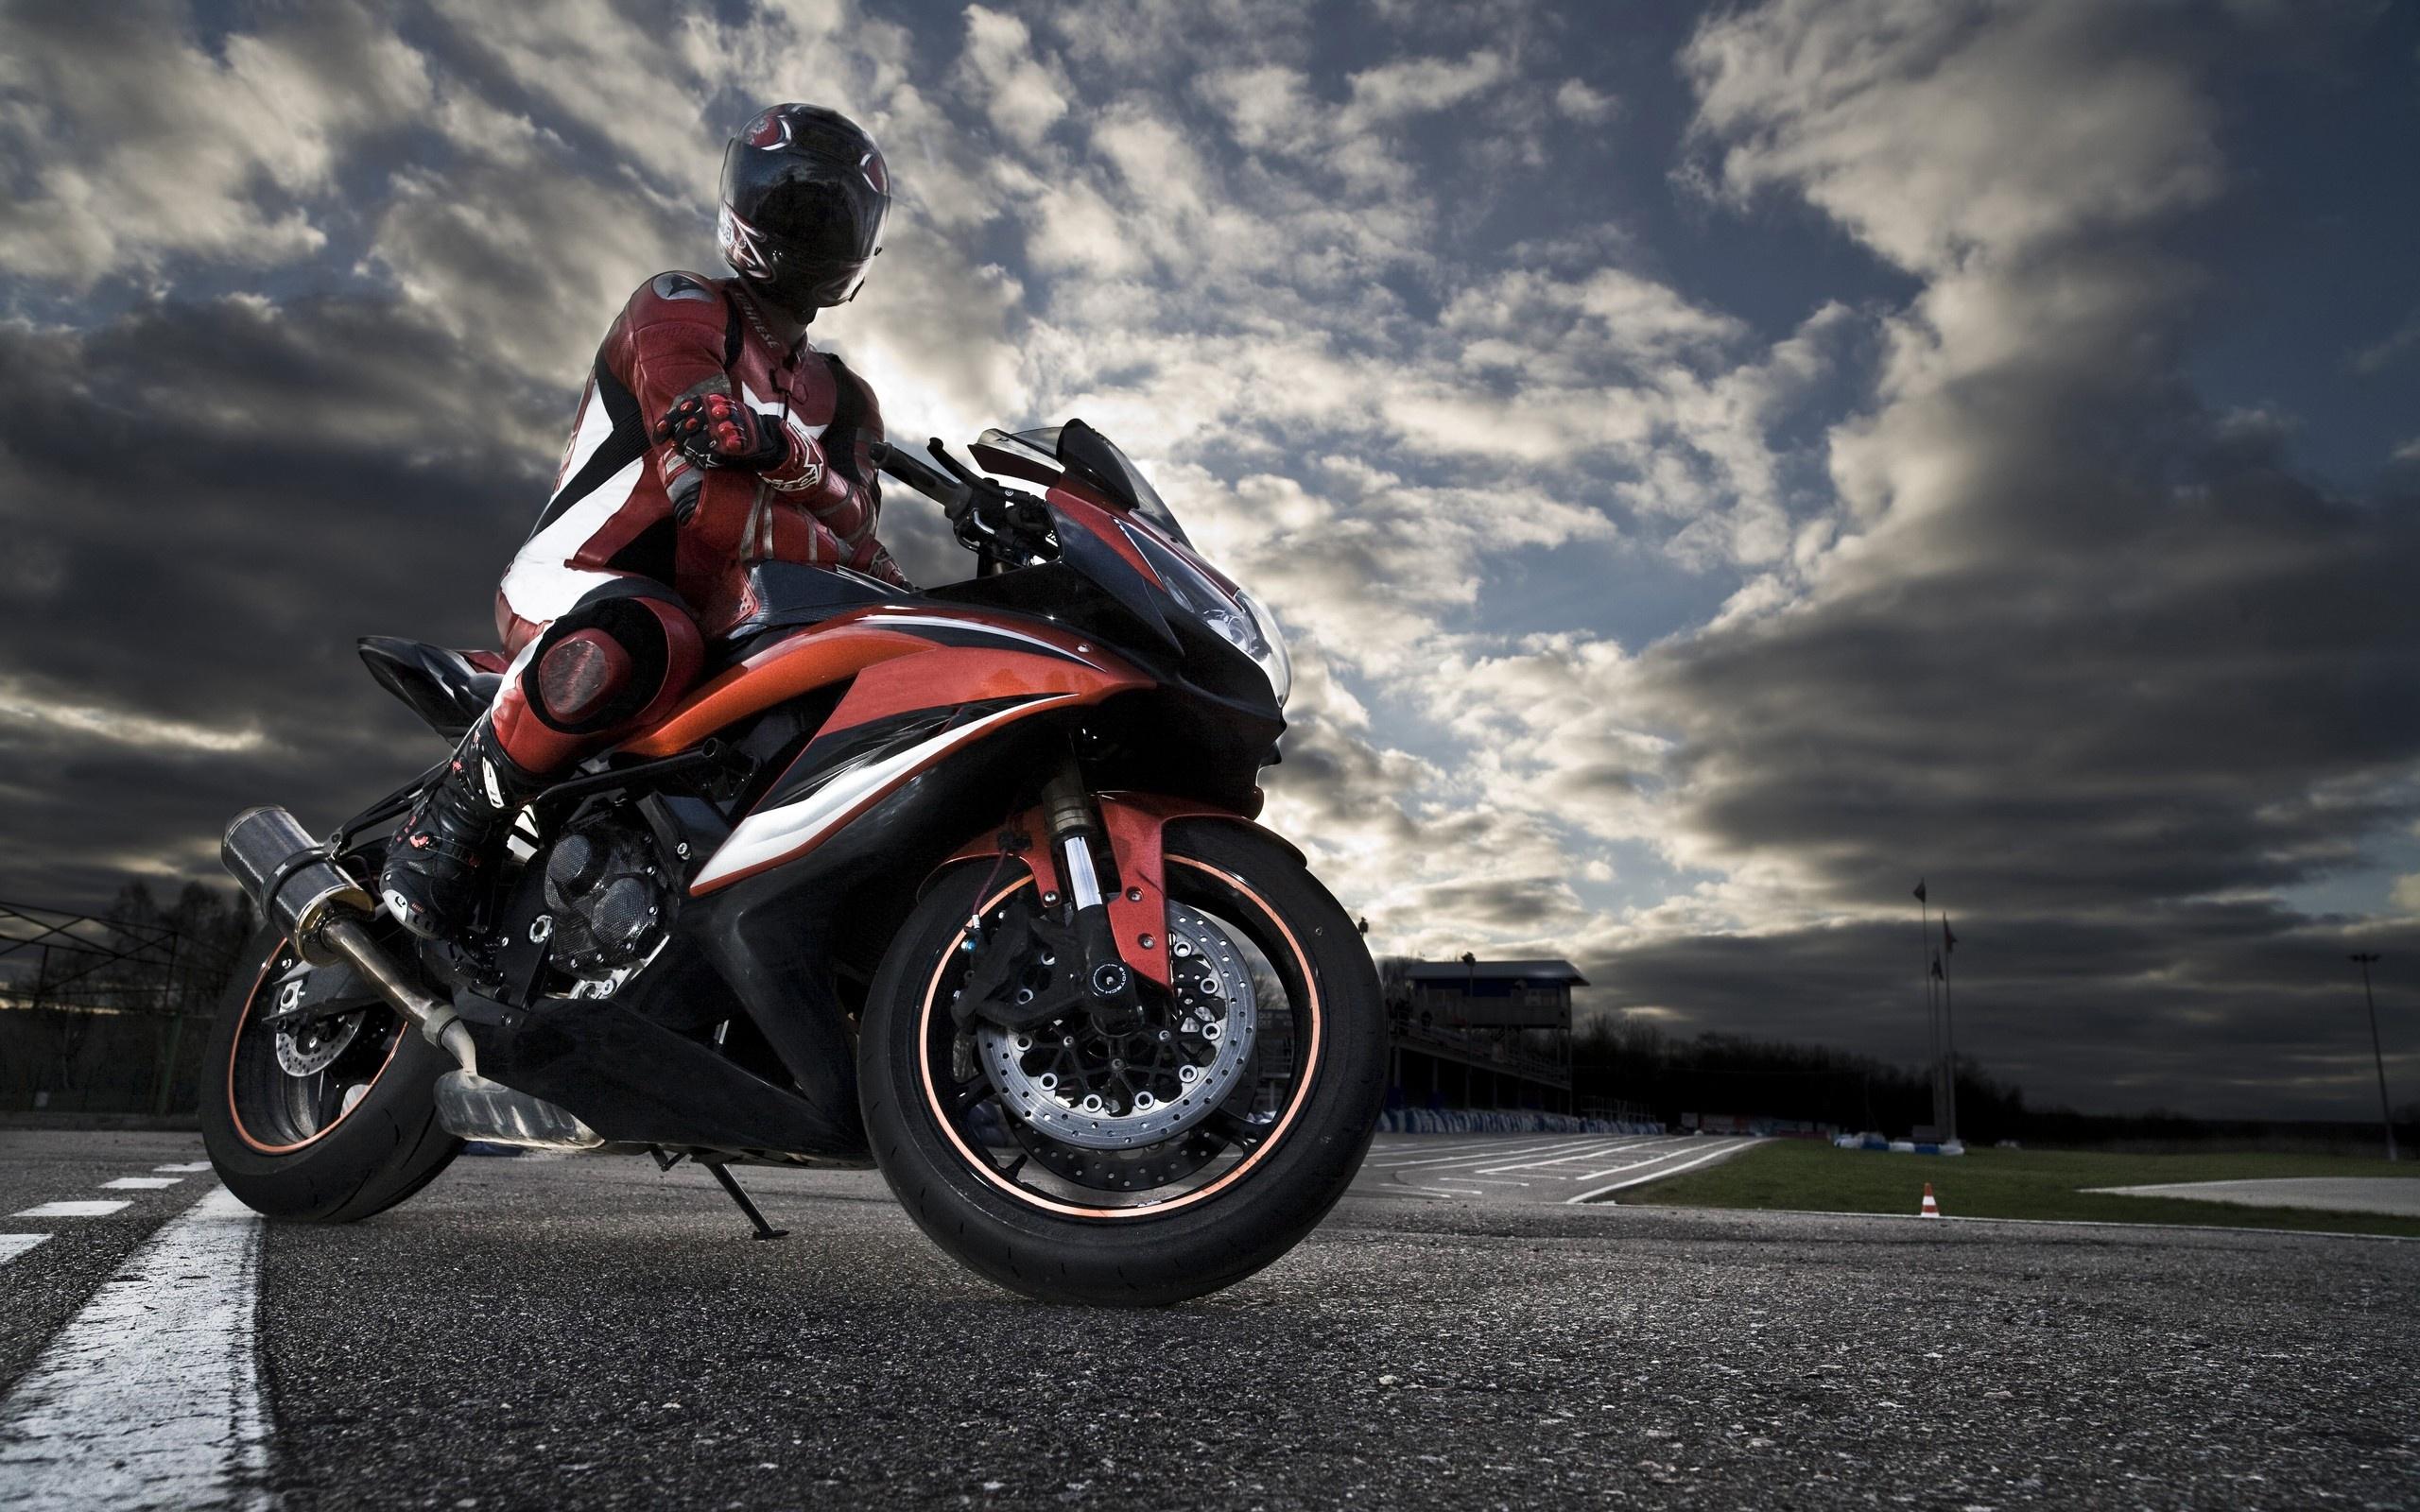 мотоцикл, мотоциклист, небо